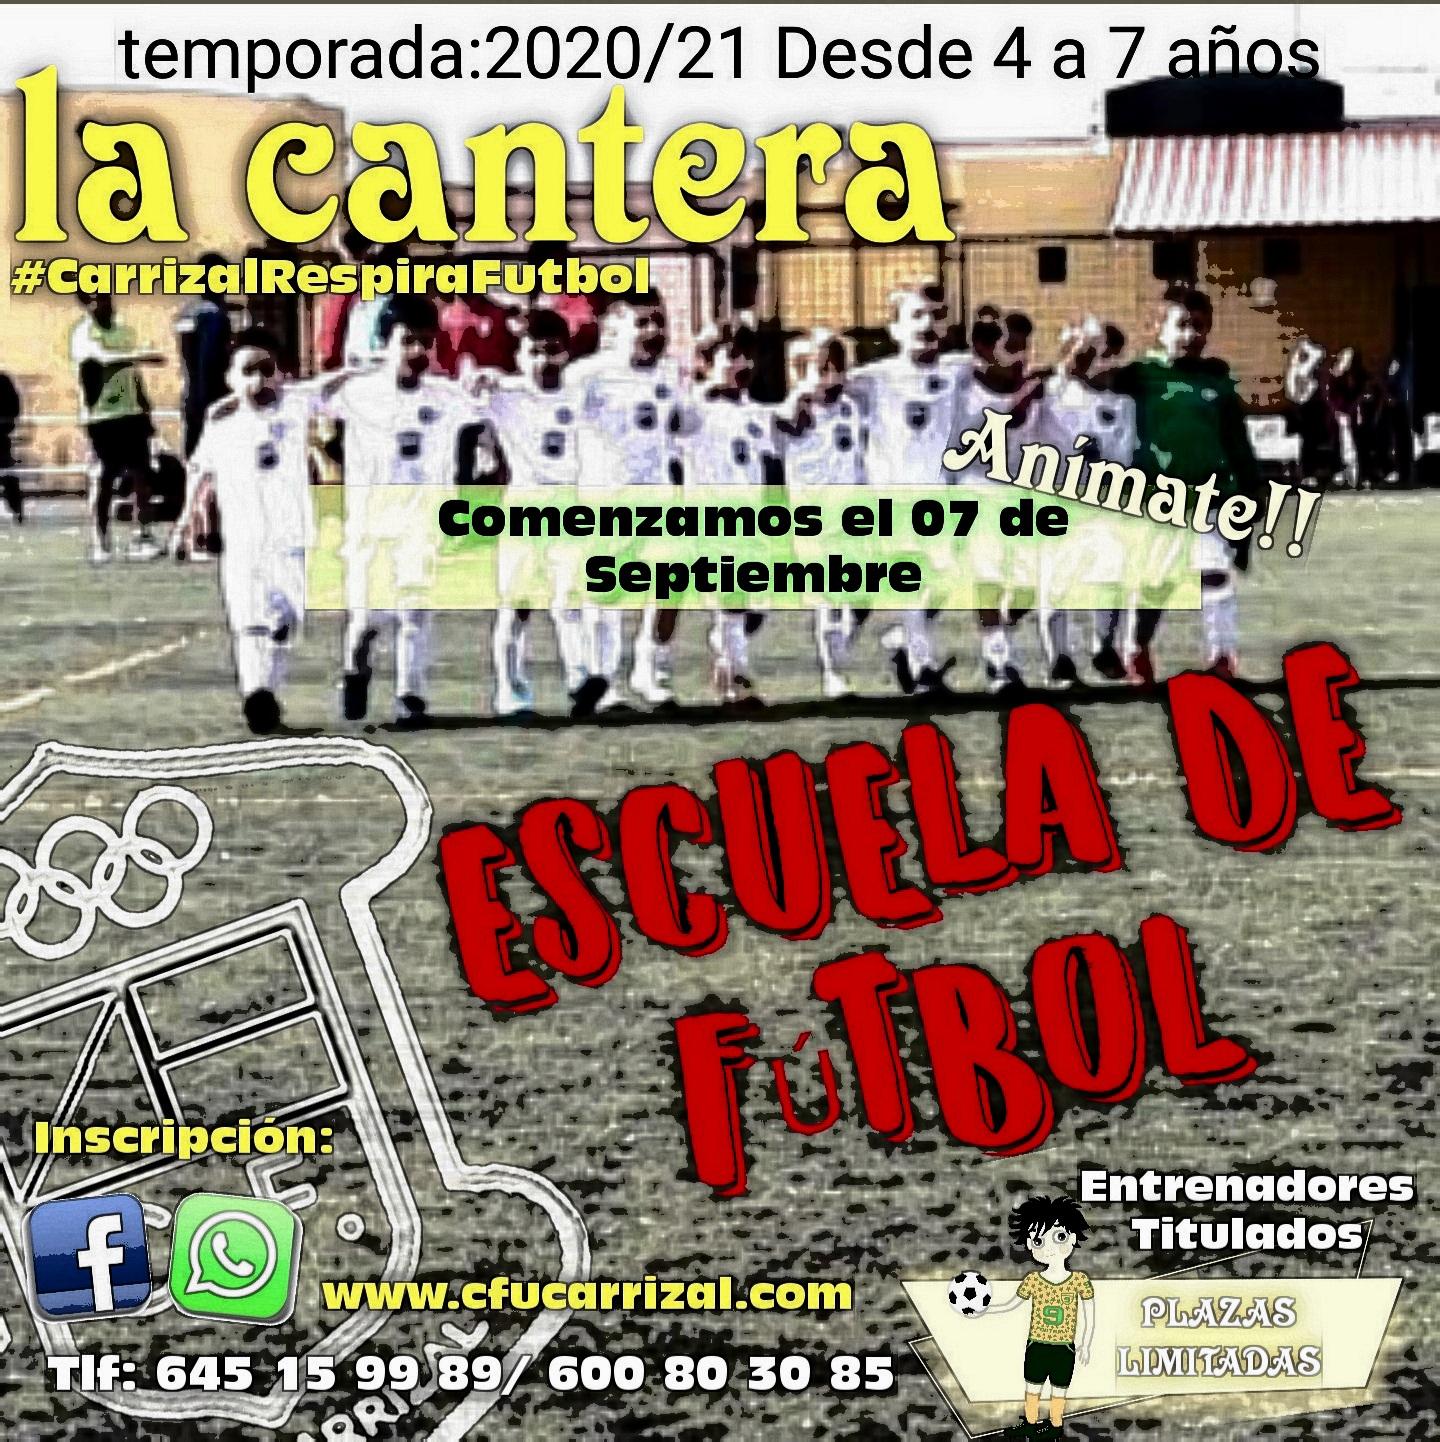 Escuela de Fútbol, Información sobre el curso 2020/2021